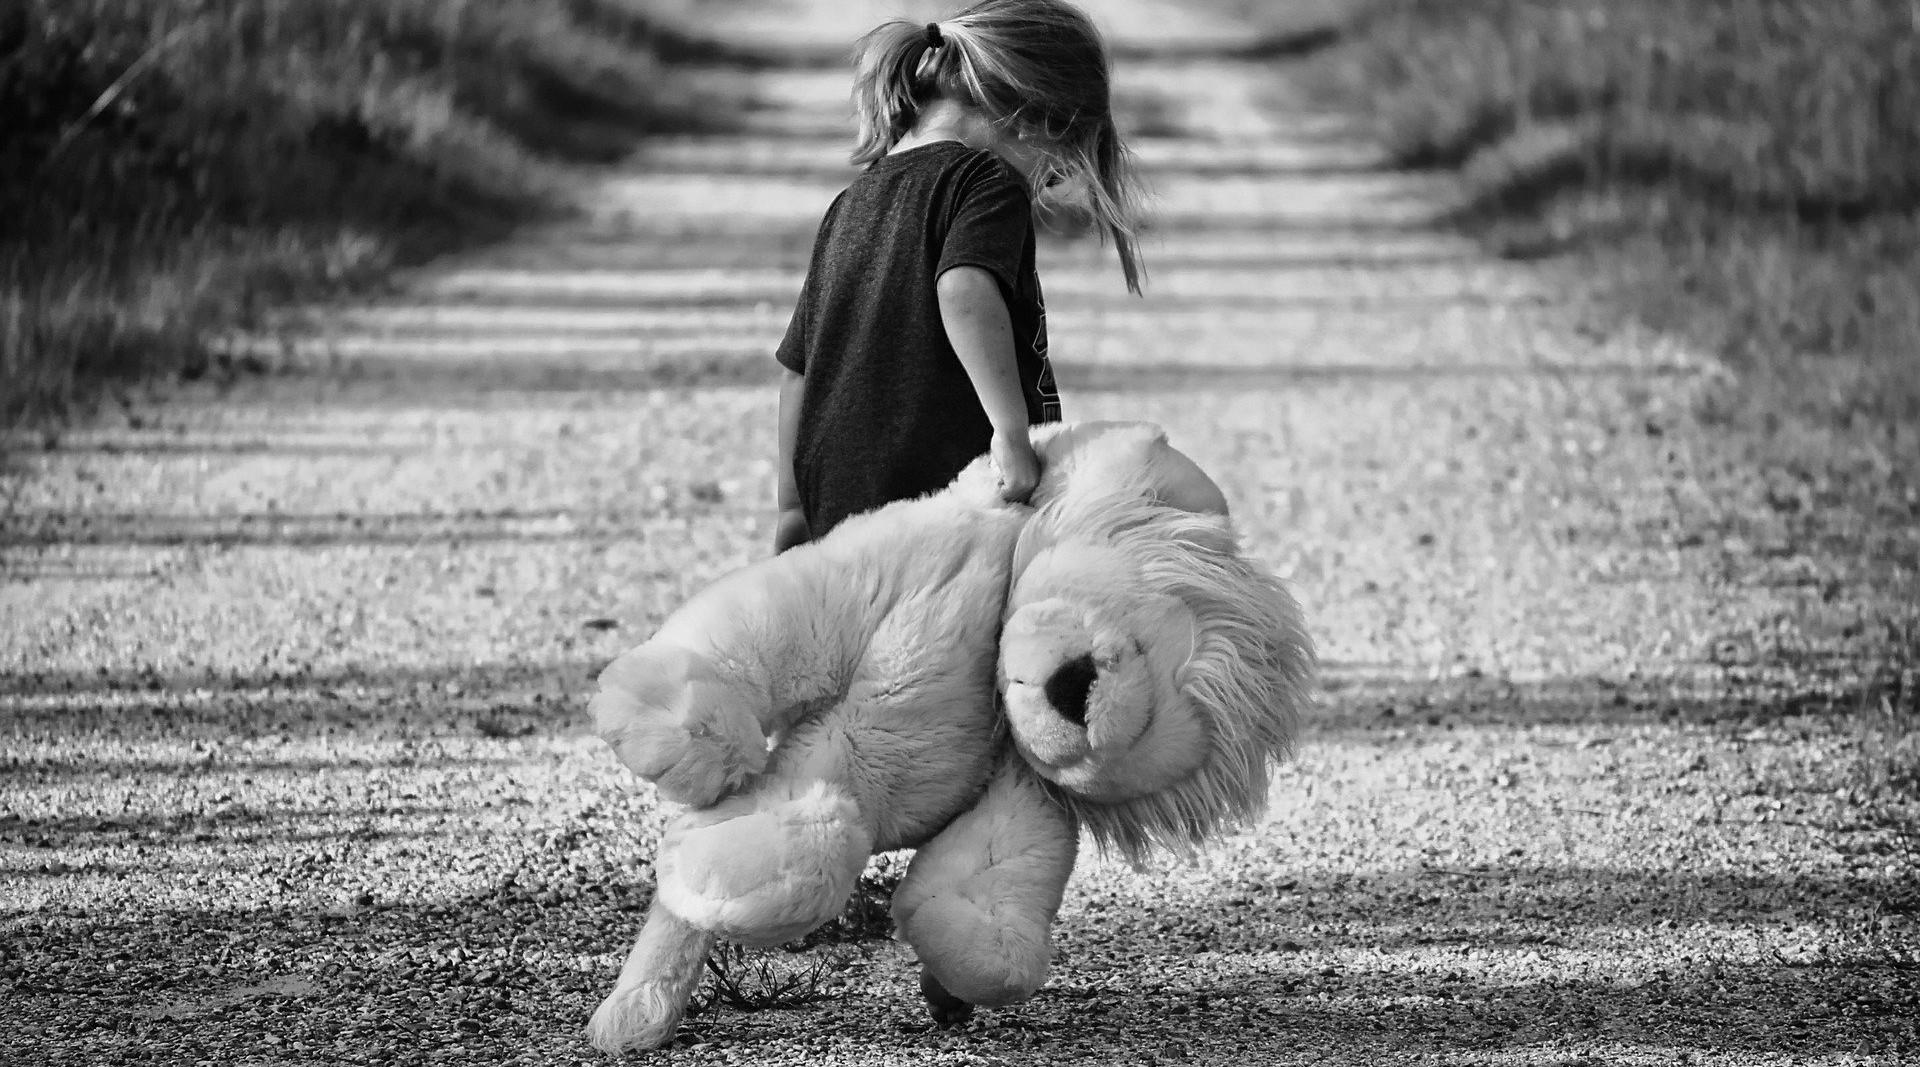 Mädchen zieht einen großen Stofflöwen hinter sich her